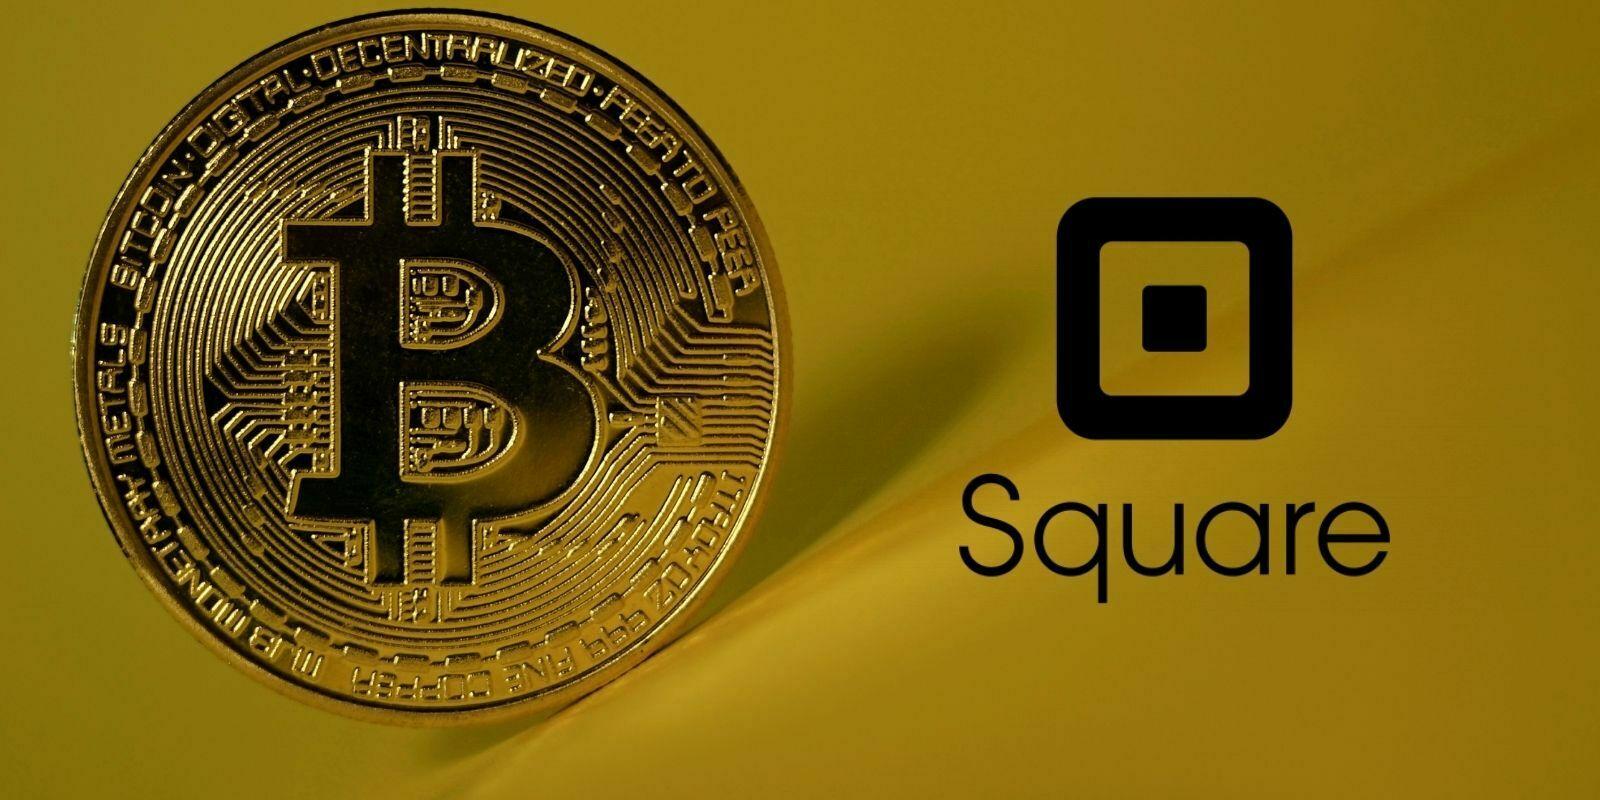 Les revenus de Square s'envolent grâce à la vente de bitcoins (BTC) sur Cash App